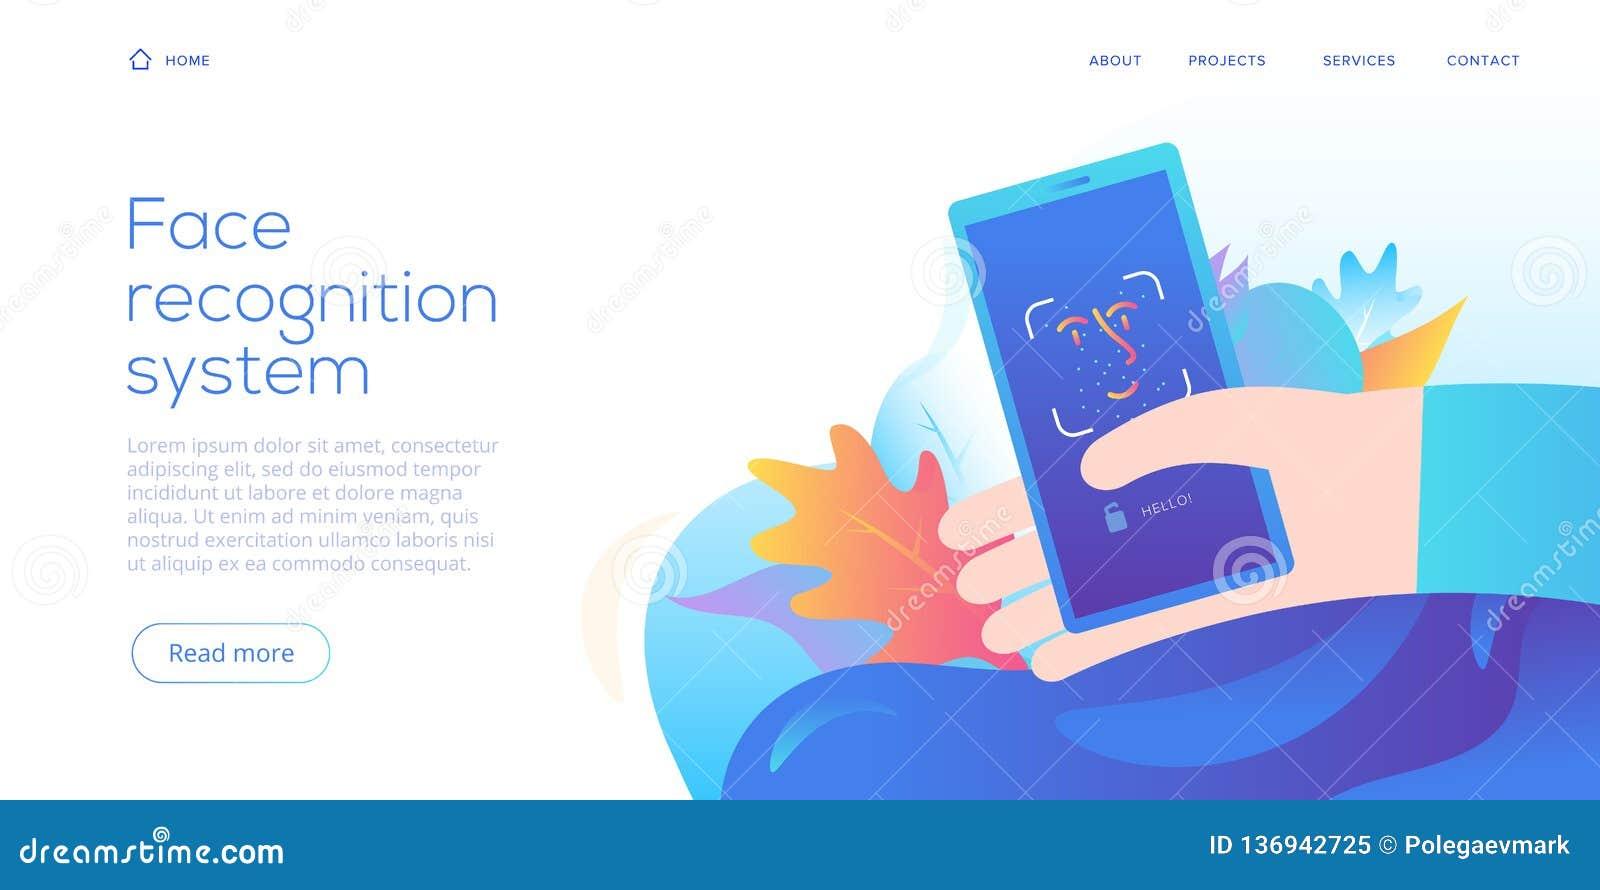 Τεχνολογία αναγνώρισης προσώπου στη δημιουργική επίπεδη διανυσματική απεικόνιση Έννοια συστημάτων ασφαλείας ταυτότητας Smartphone